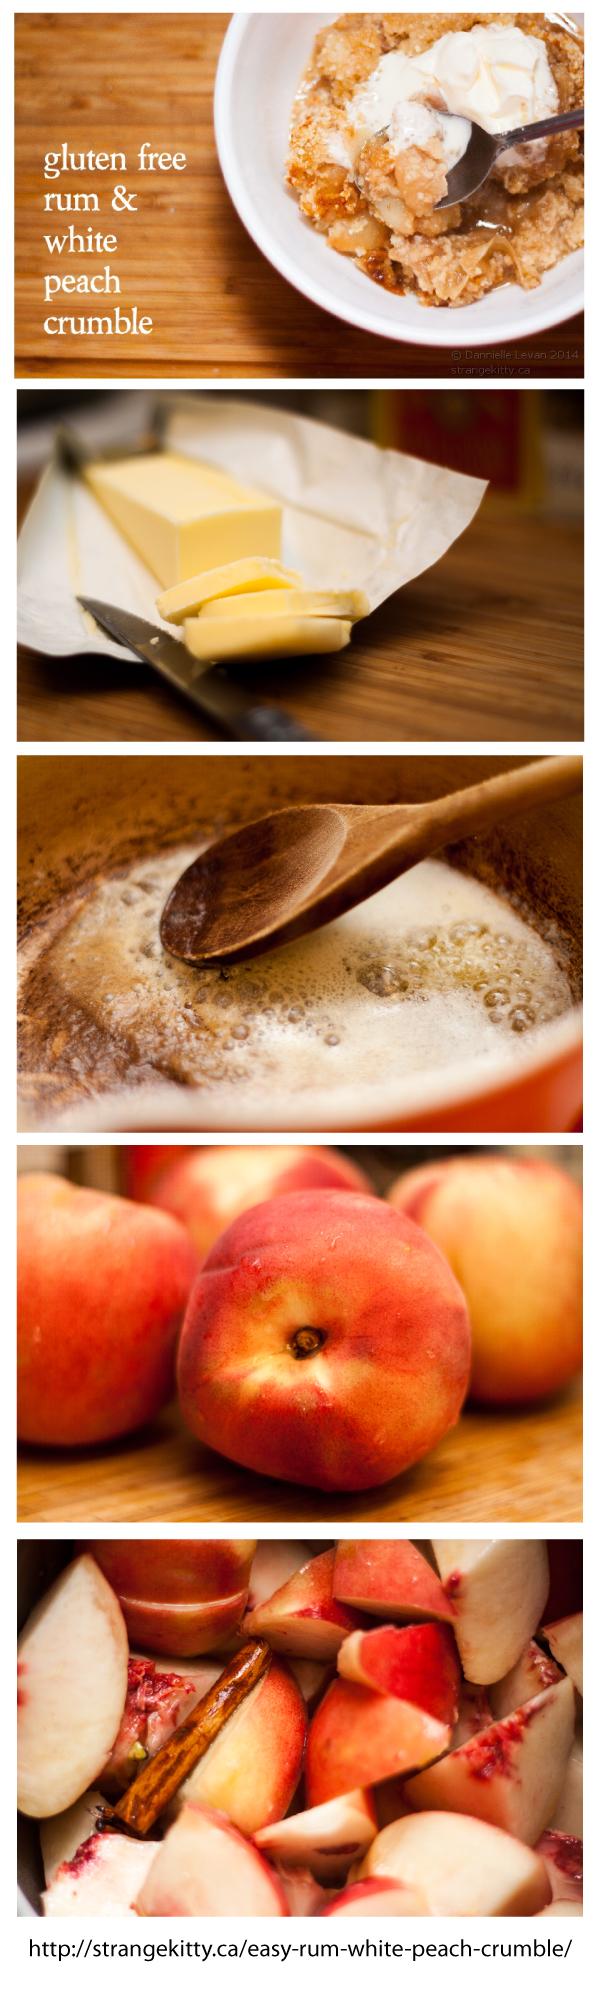 Easy Rum & White Peach Crumble StrangeKitty Peach